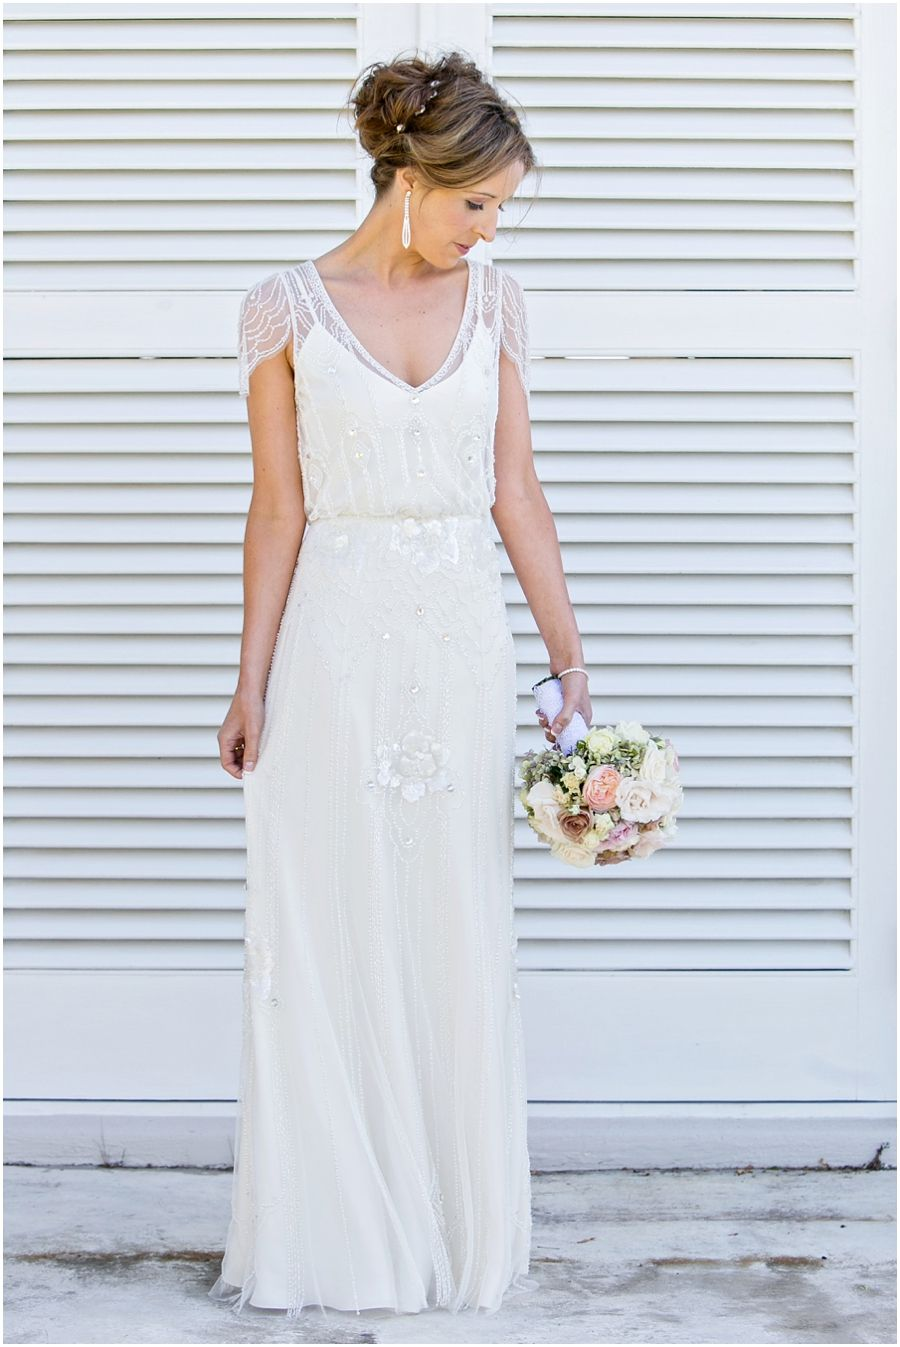 Brautkleid mit Spitze, zart, romantisch, Hochzeitskleid, Brautkleid ...